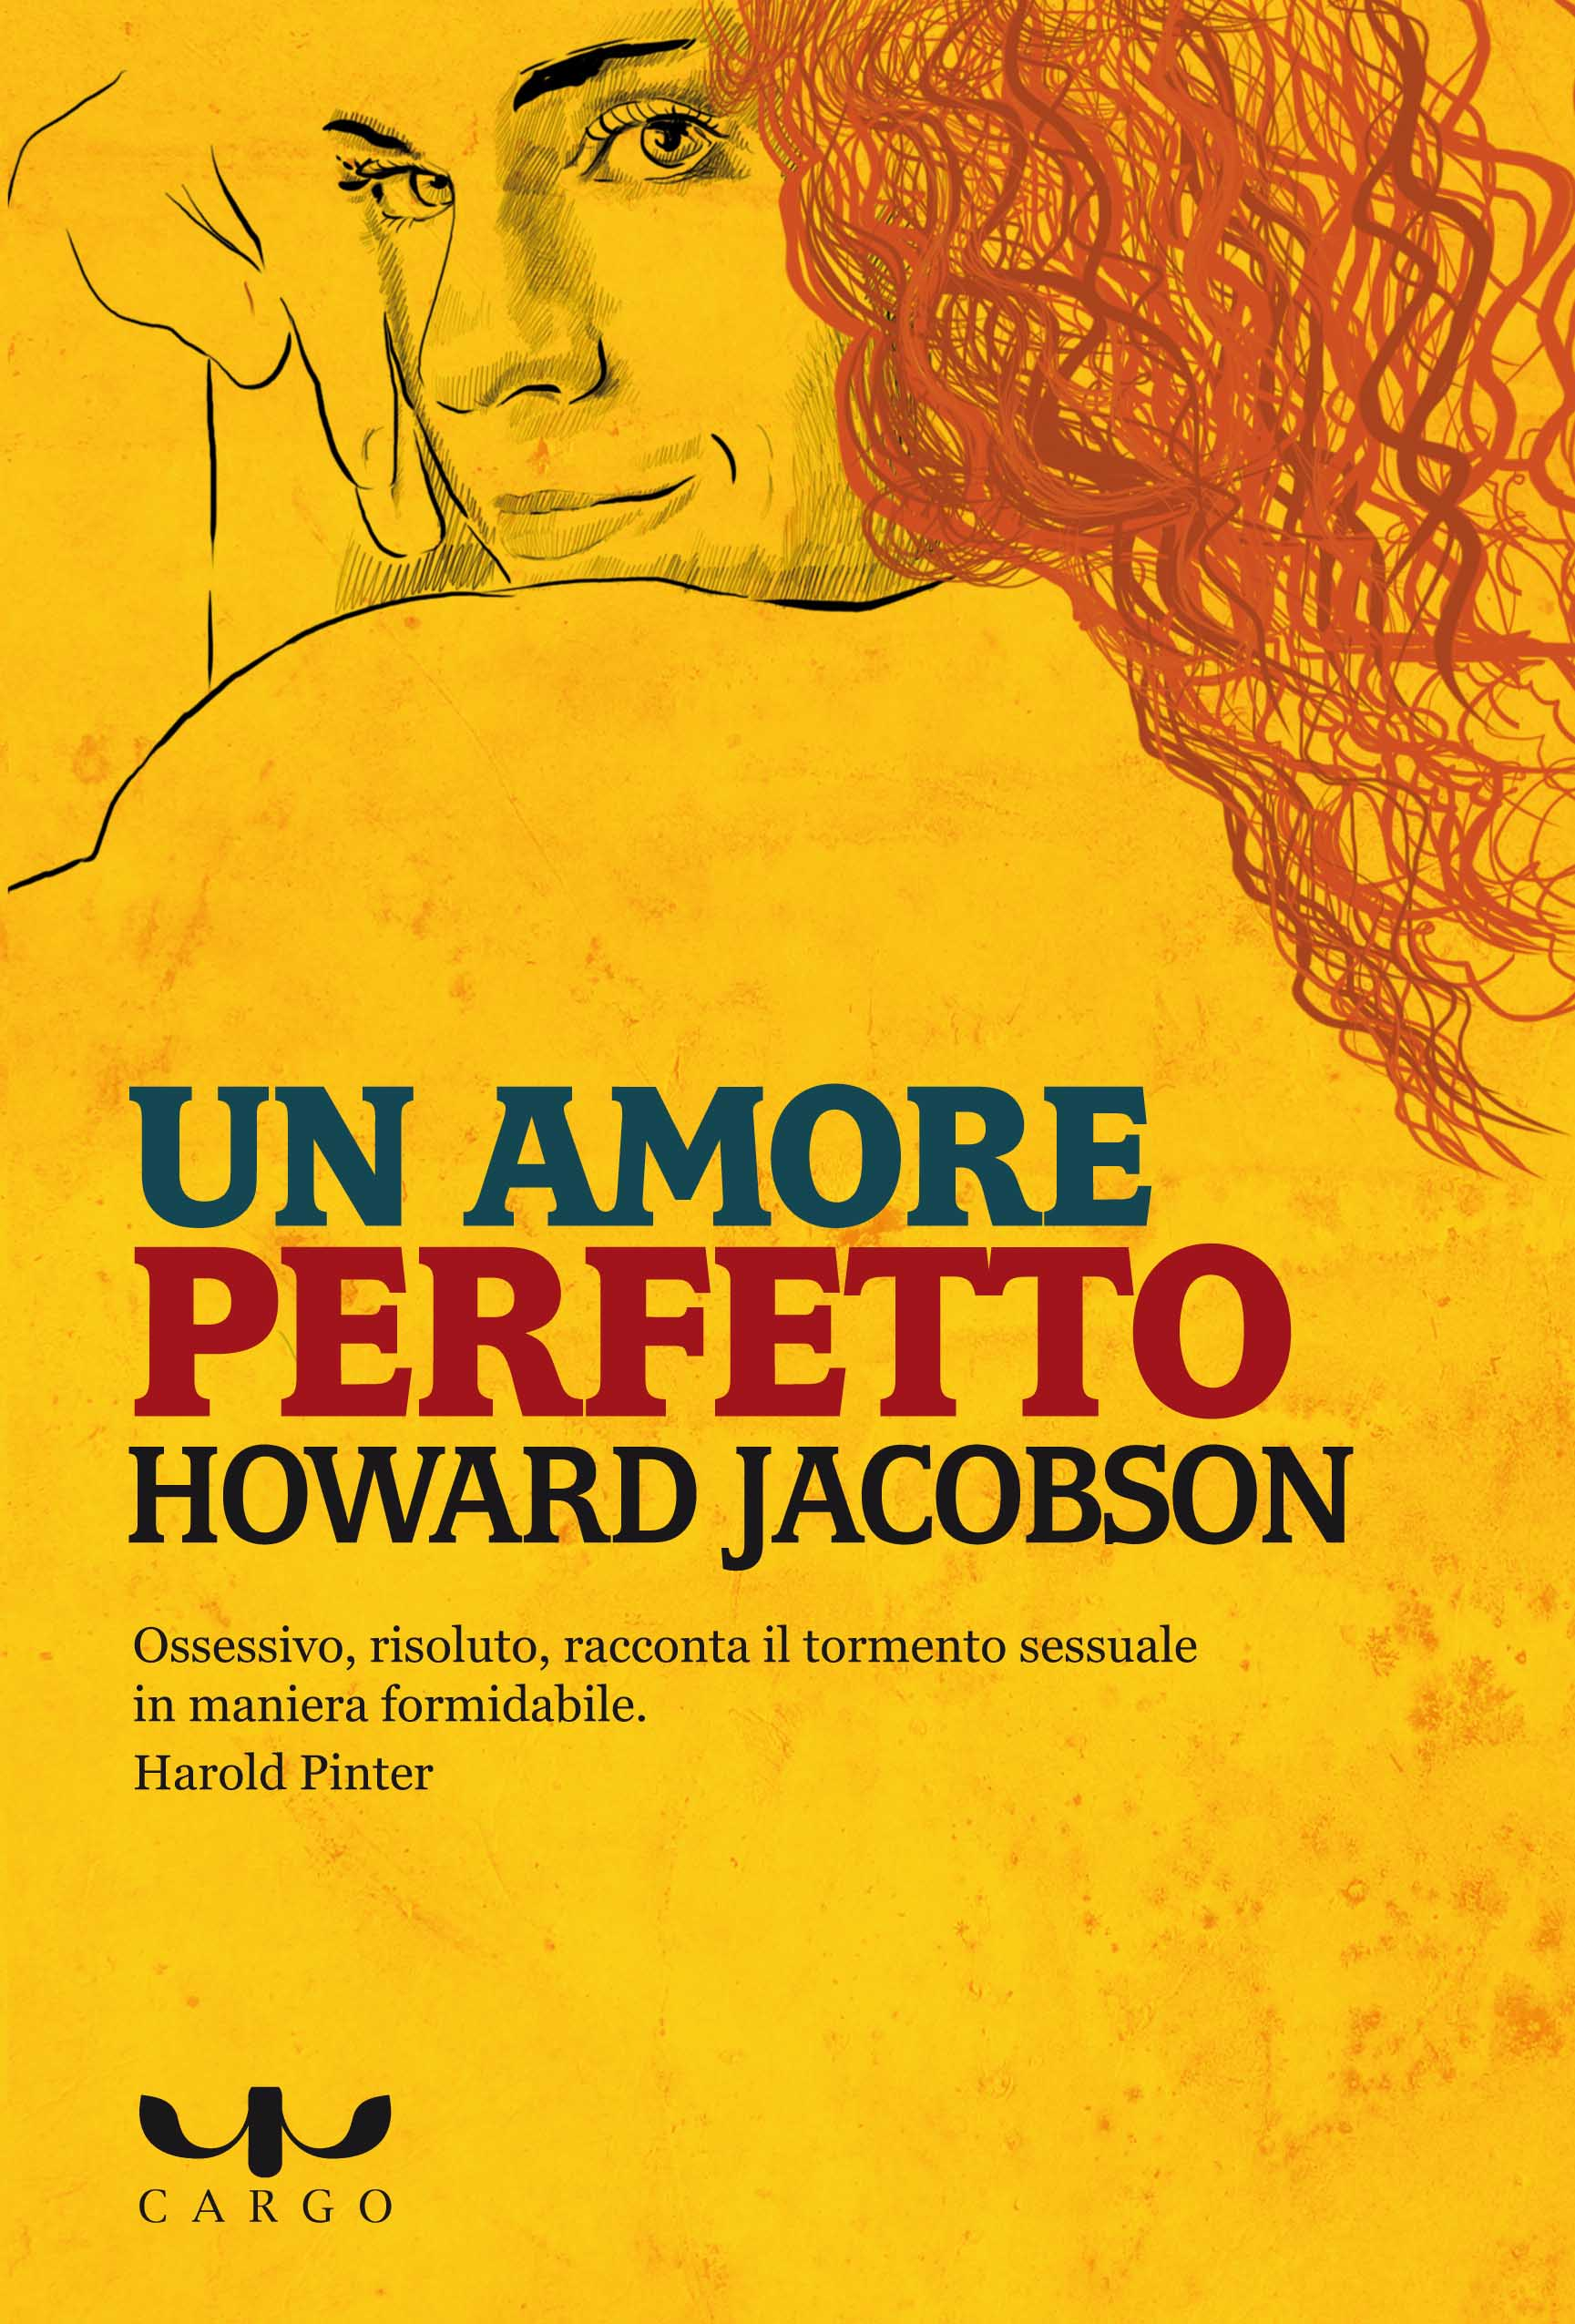 Un amore perfetto